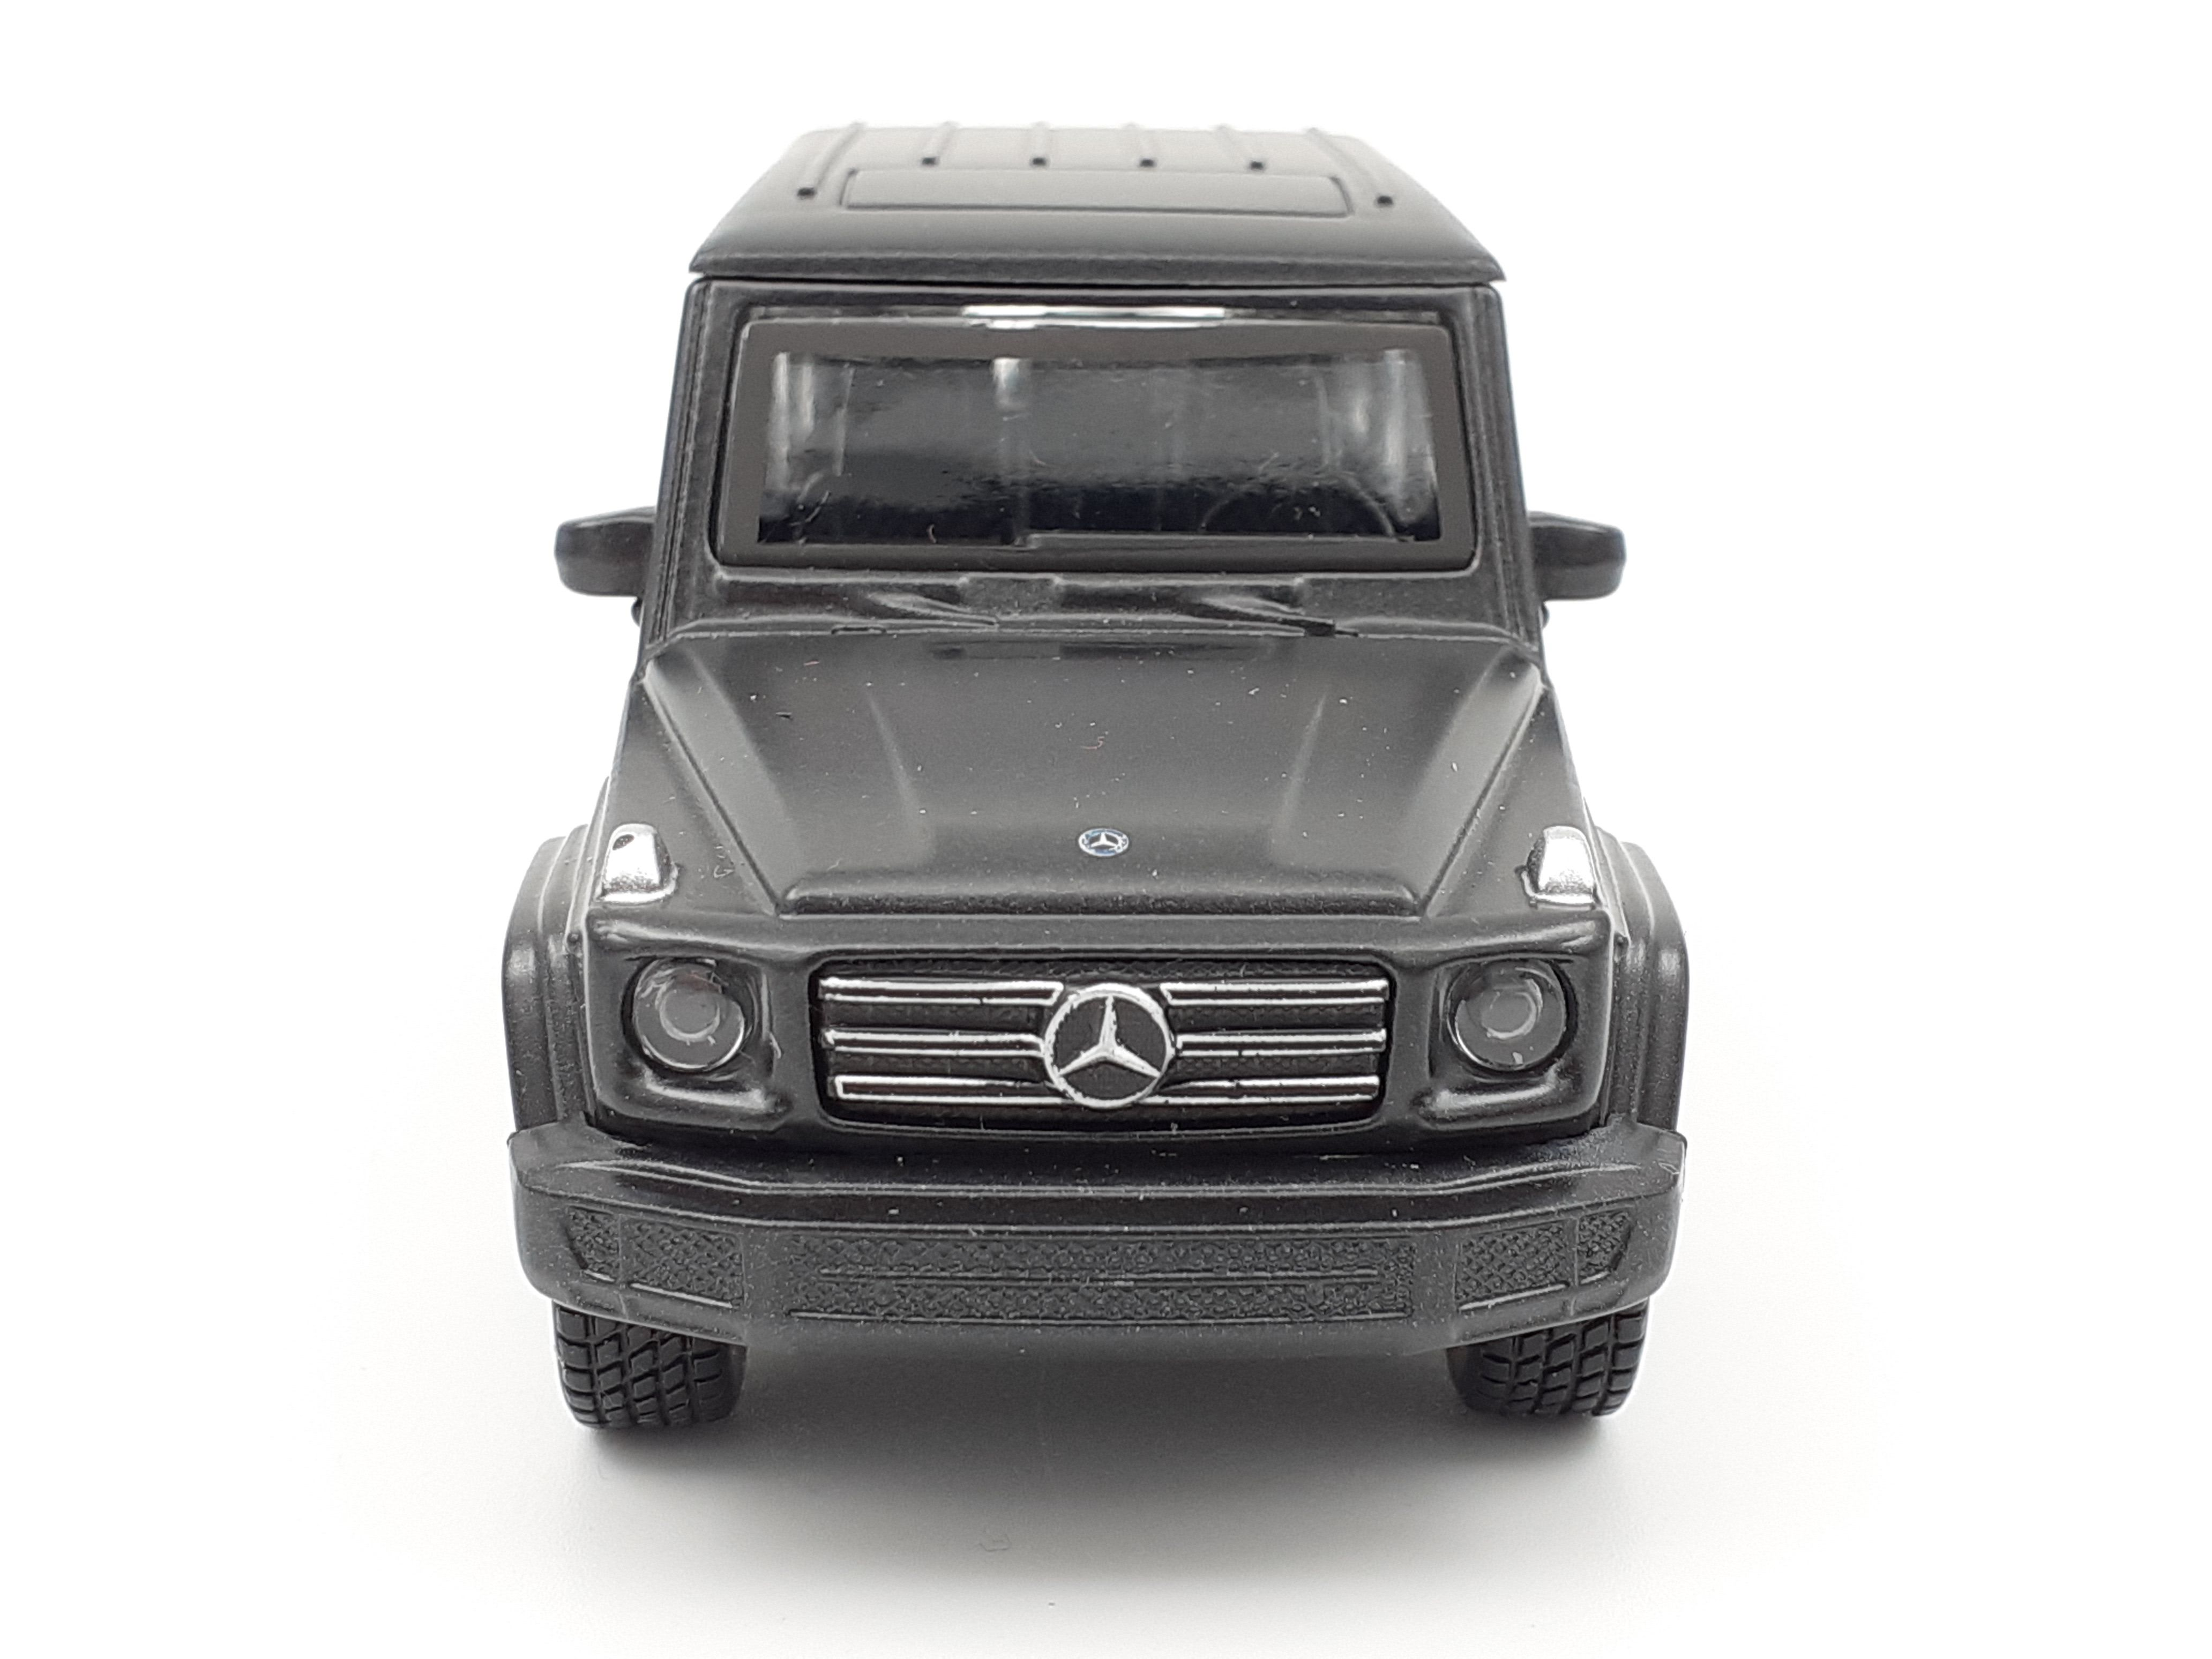 Maisto vozilo crni Mercedes G Class 500 V8 1:41